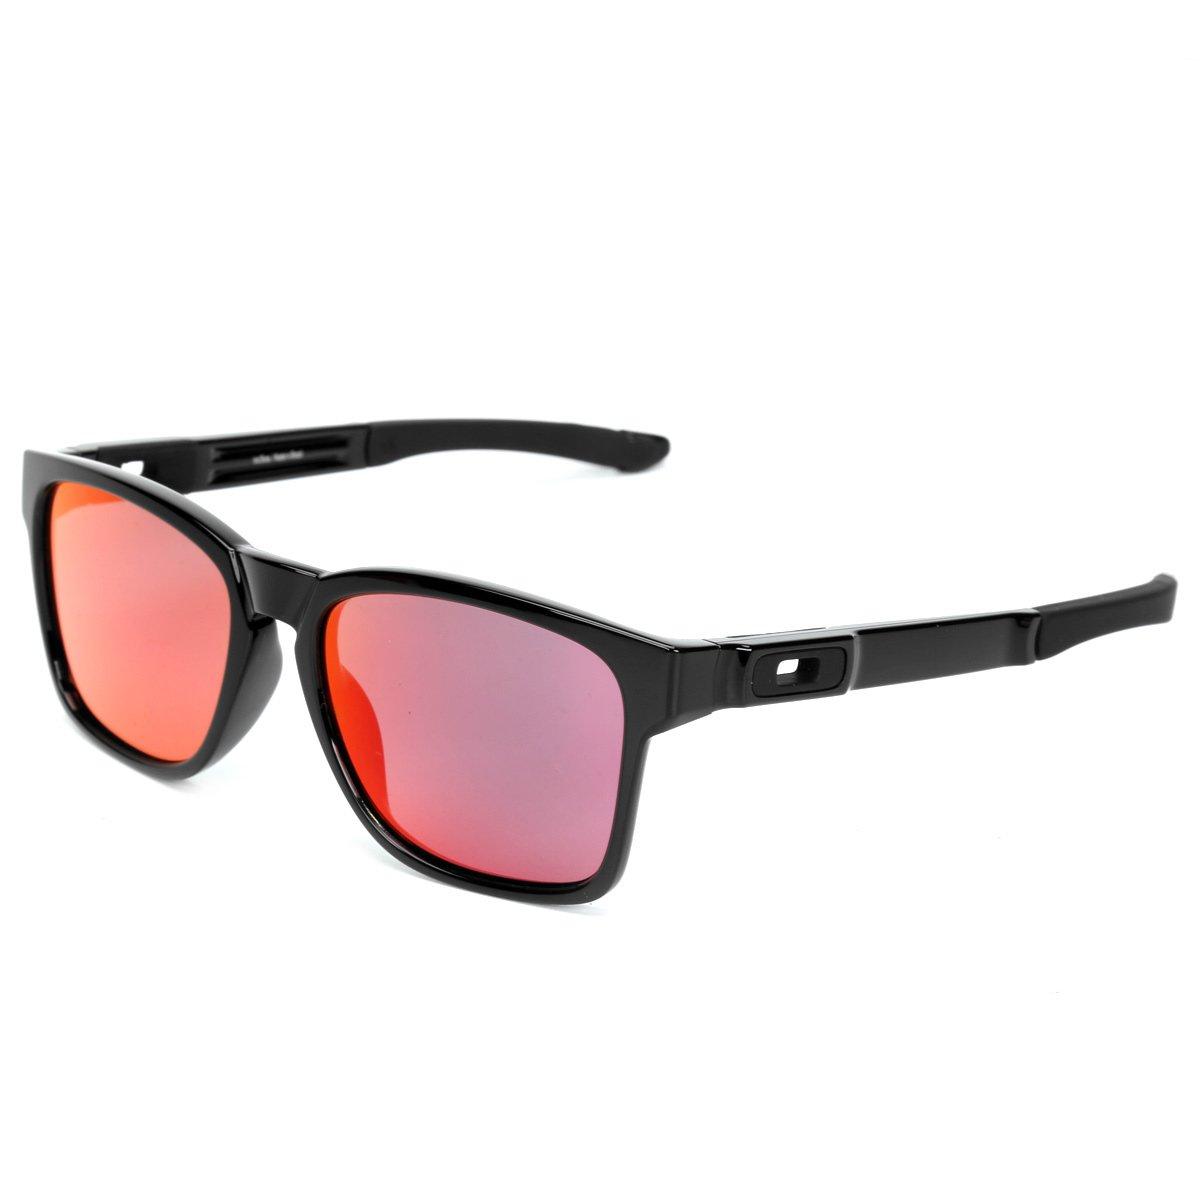 fb8f28e67e4a5 Óculos Oakley Catalyst Masculino - Vermelho e Preto - Compre Agora ...